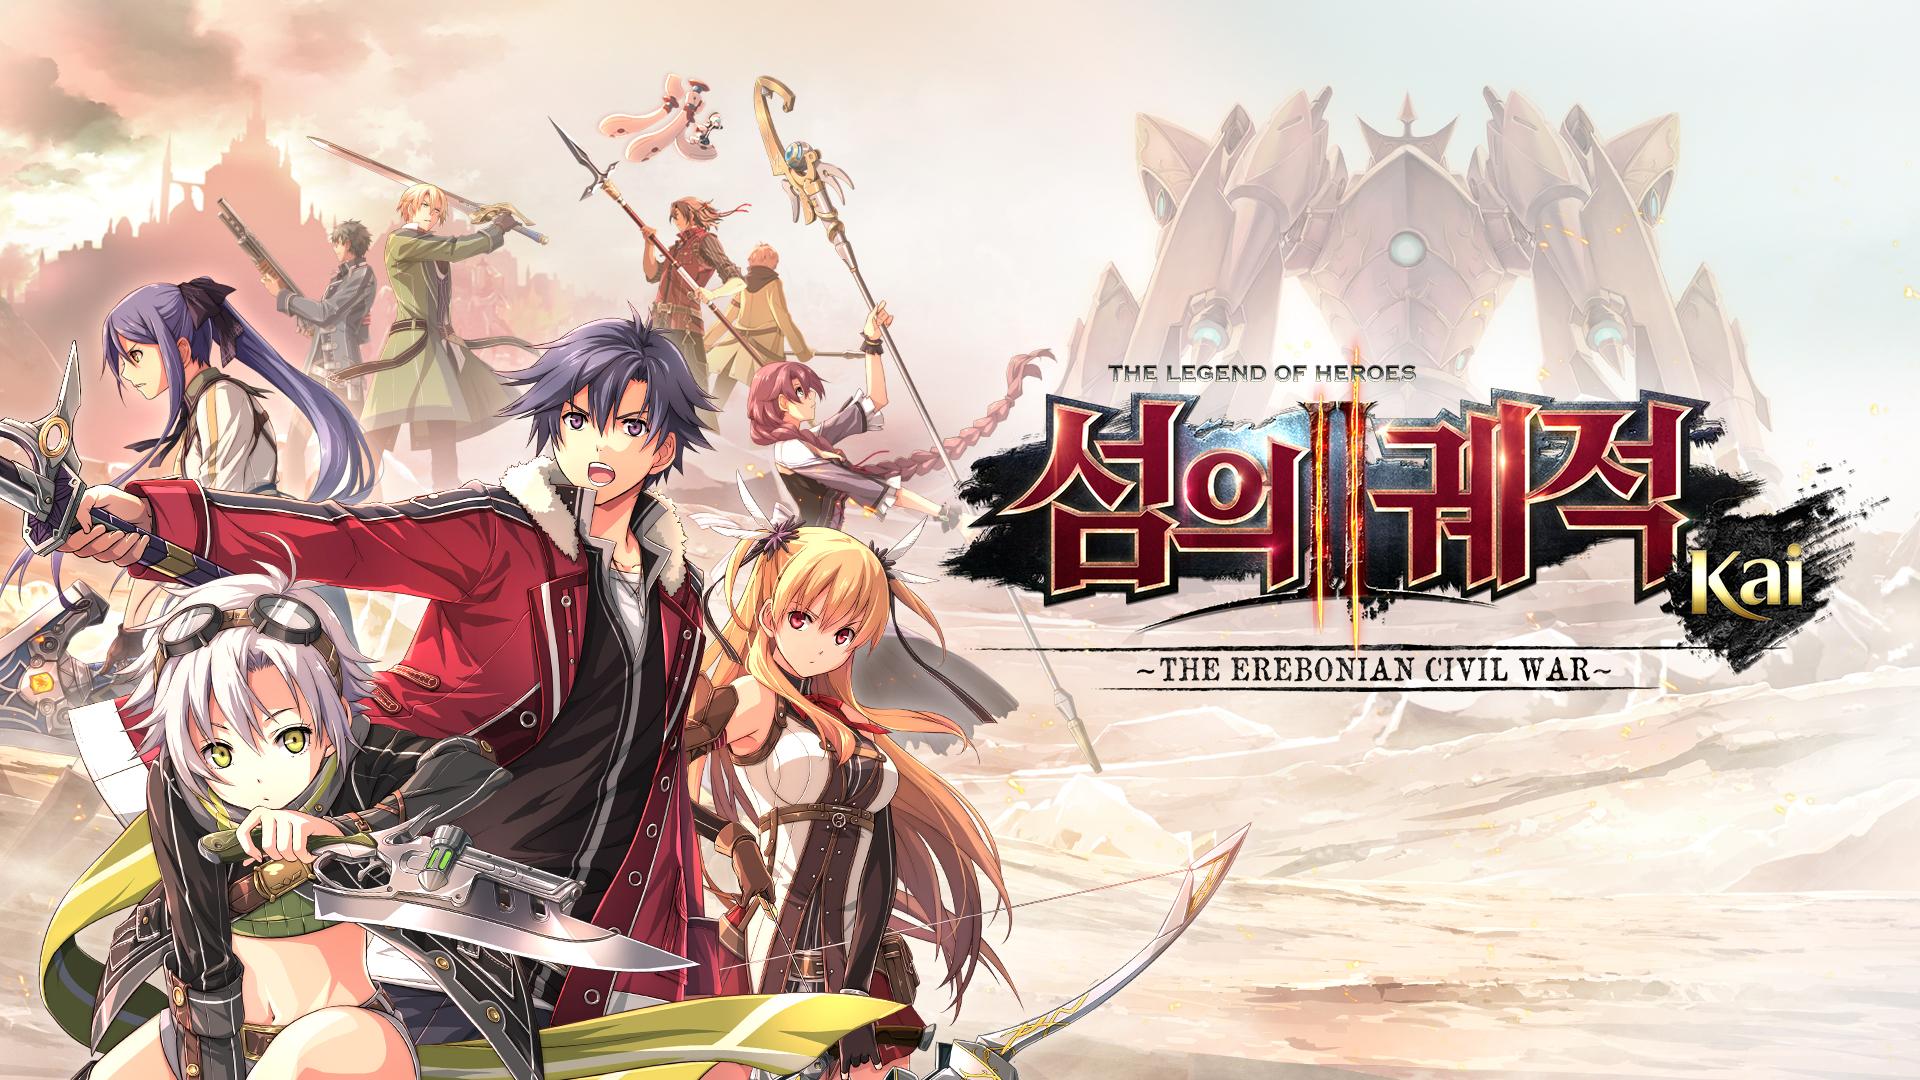 영웅전설 섬의 궤적 II: Kai -The Erebonian Civil War-